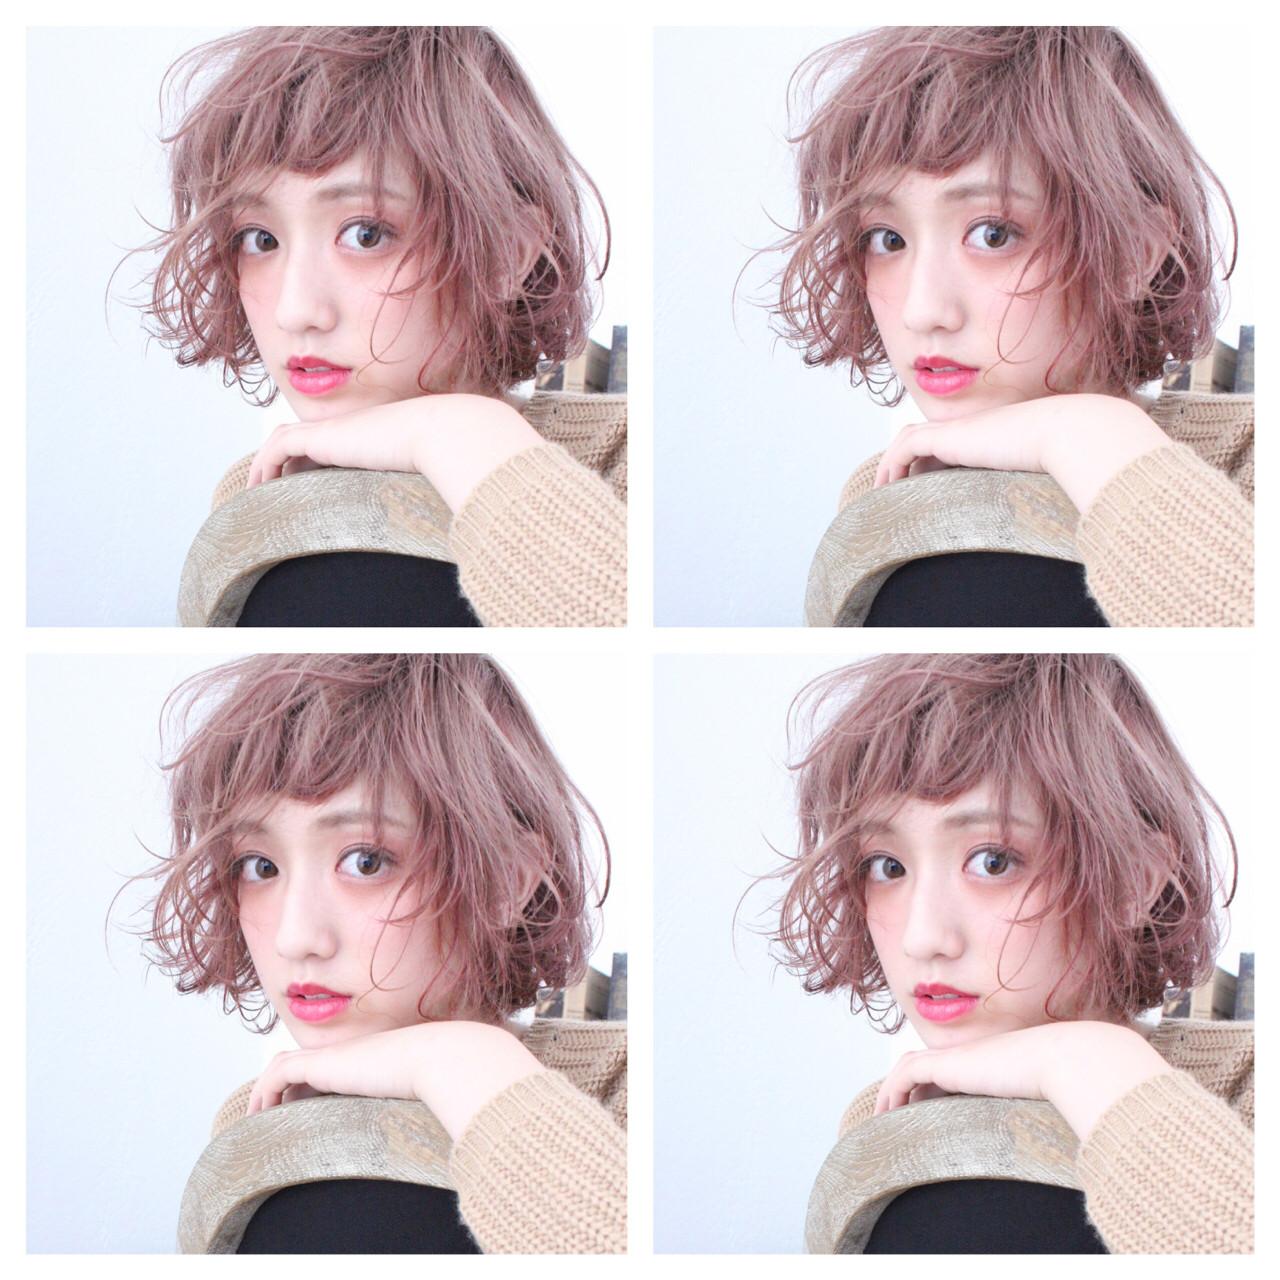 フェミニン ゆるふわ ベージュ ボブ ヘアスタイルや髪型の写真・画像